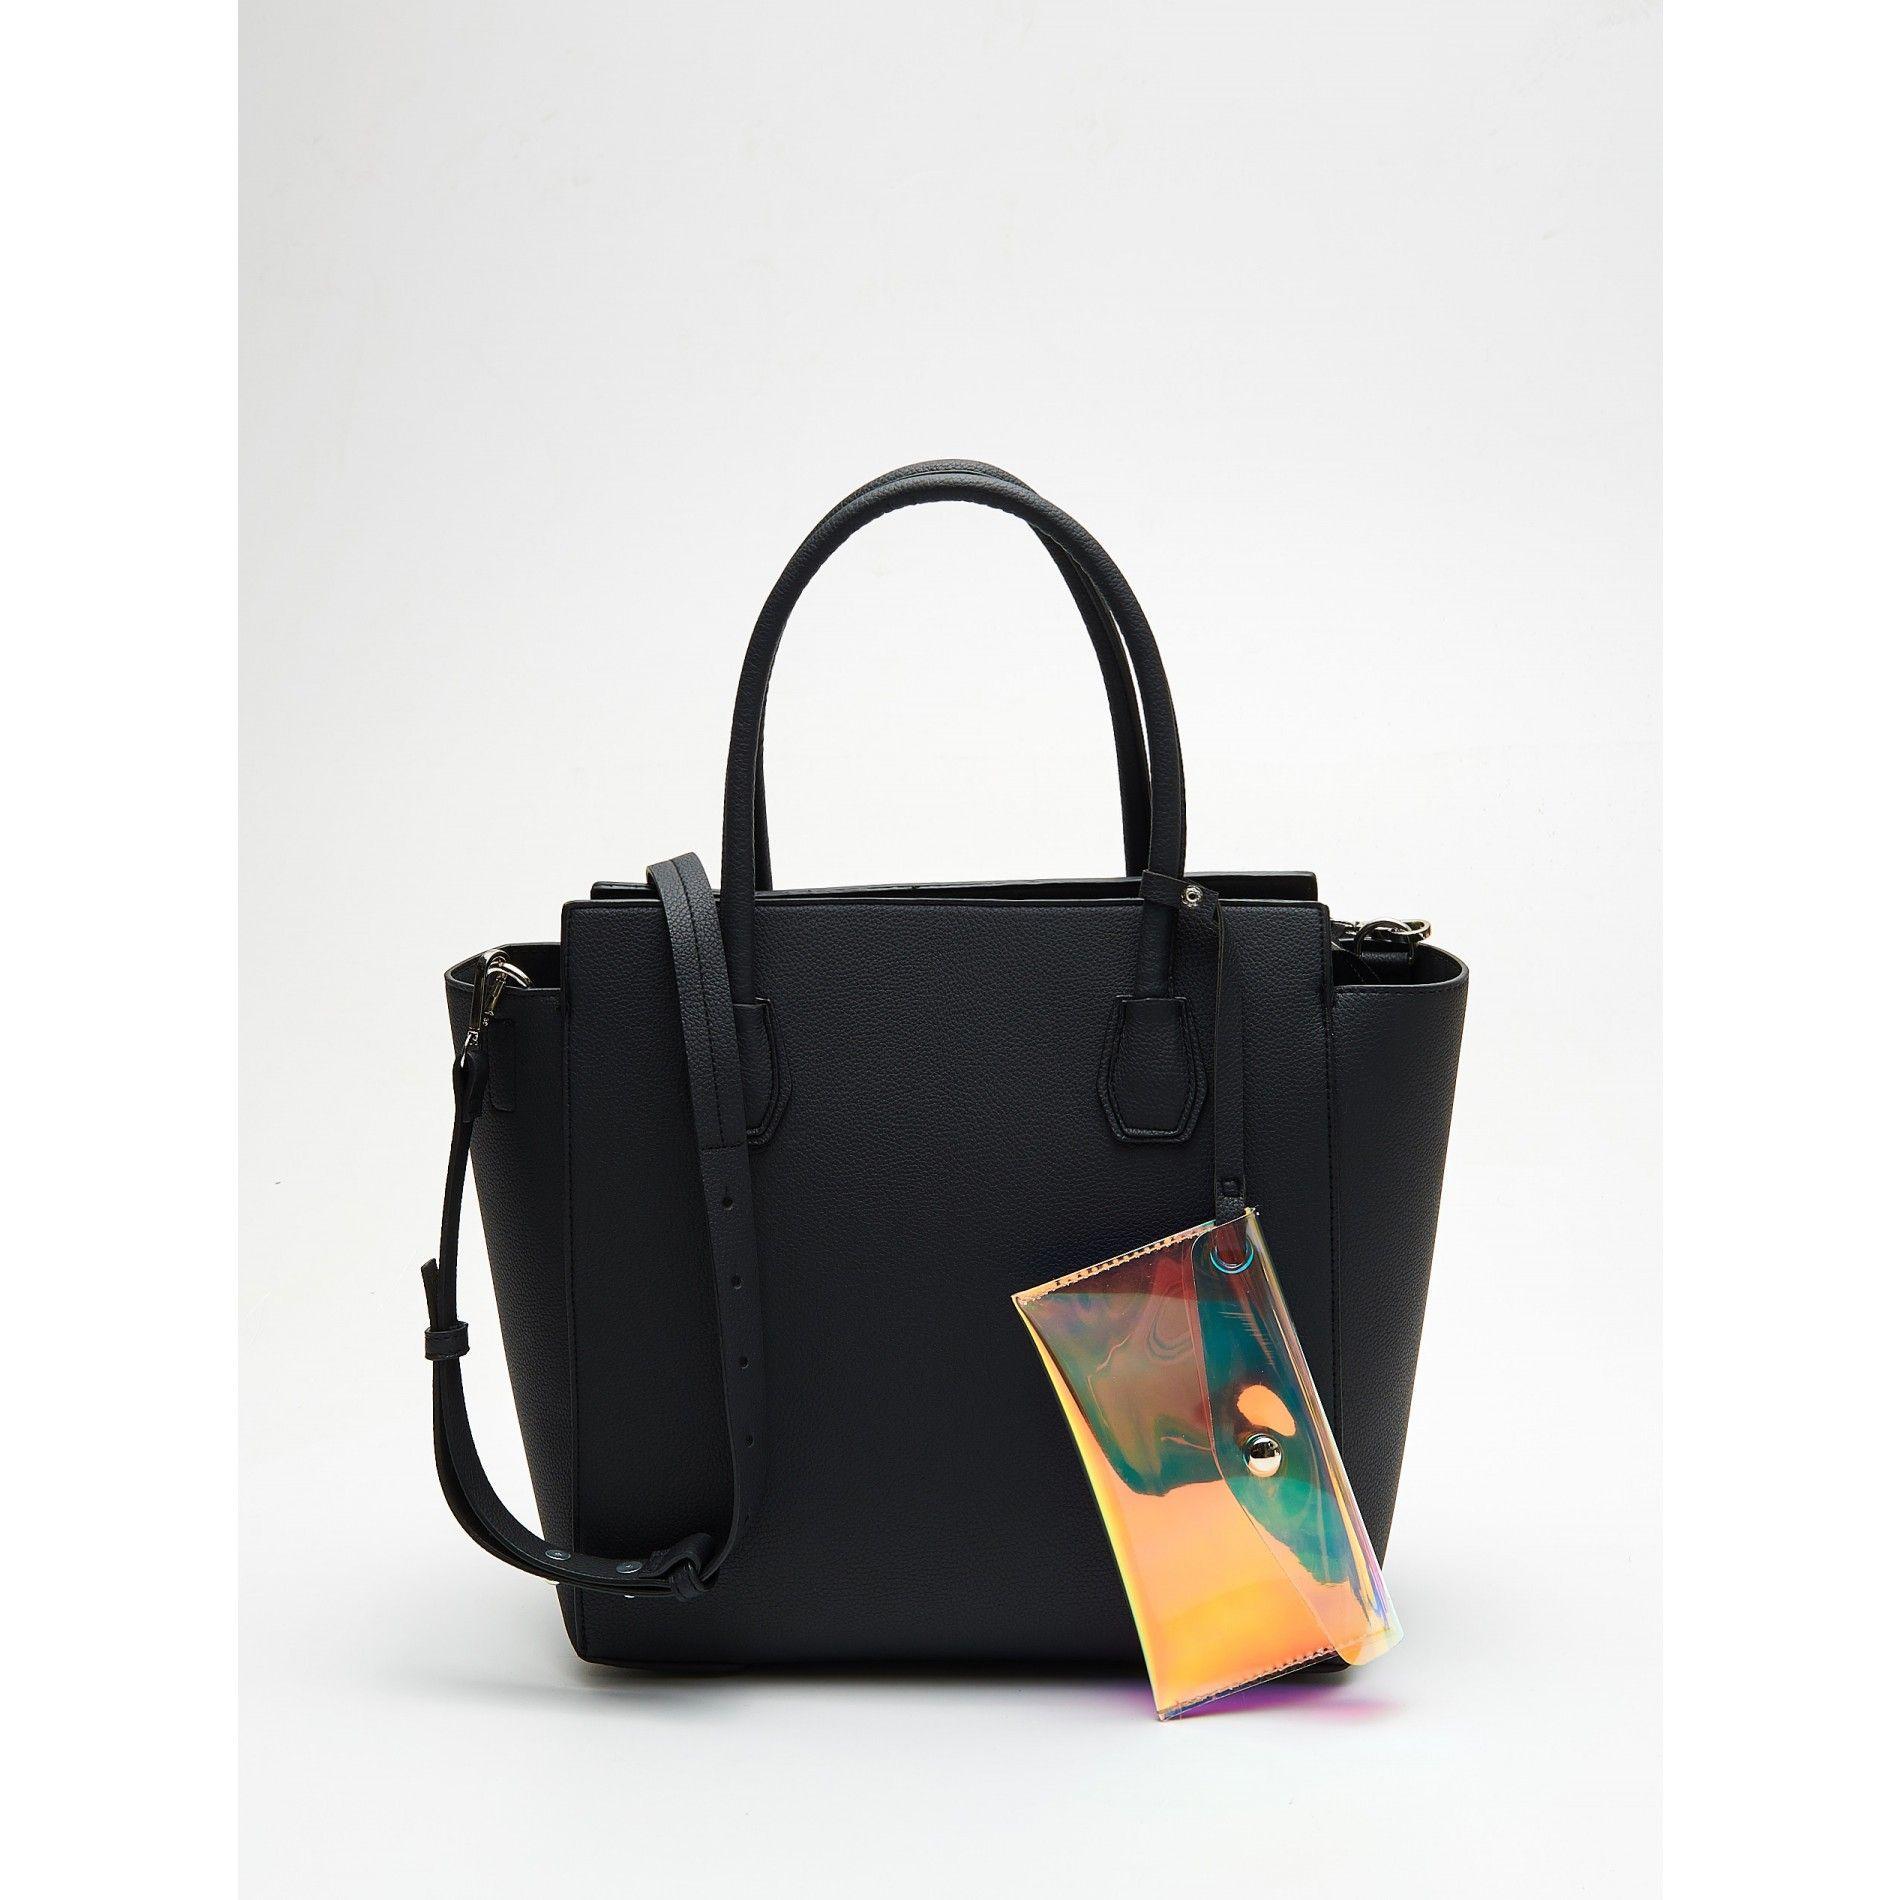 839a993727fd2 Torba shopper z etui, CROPP | WishList | Bags, Fashion i Tops